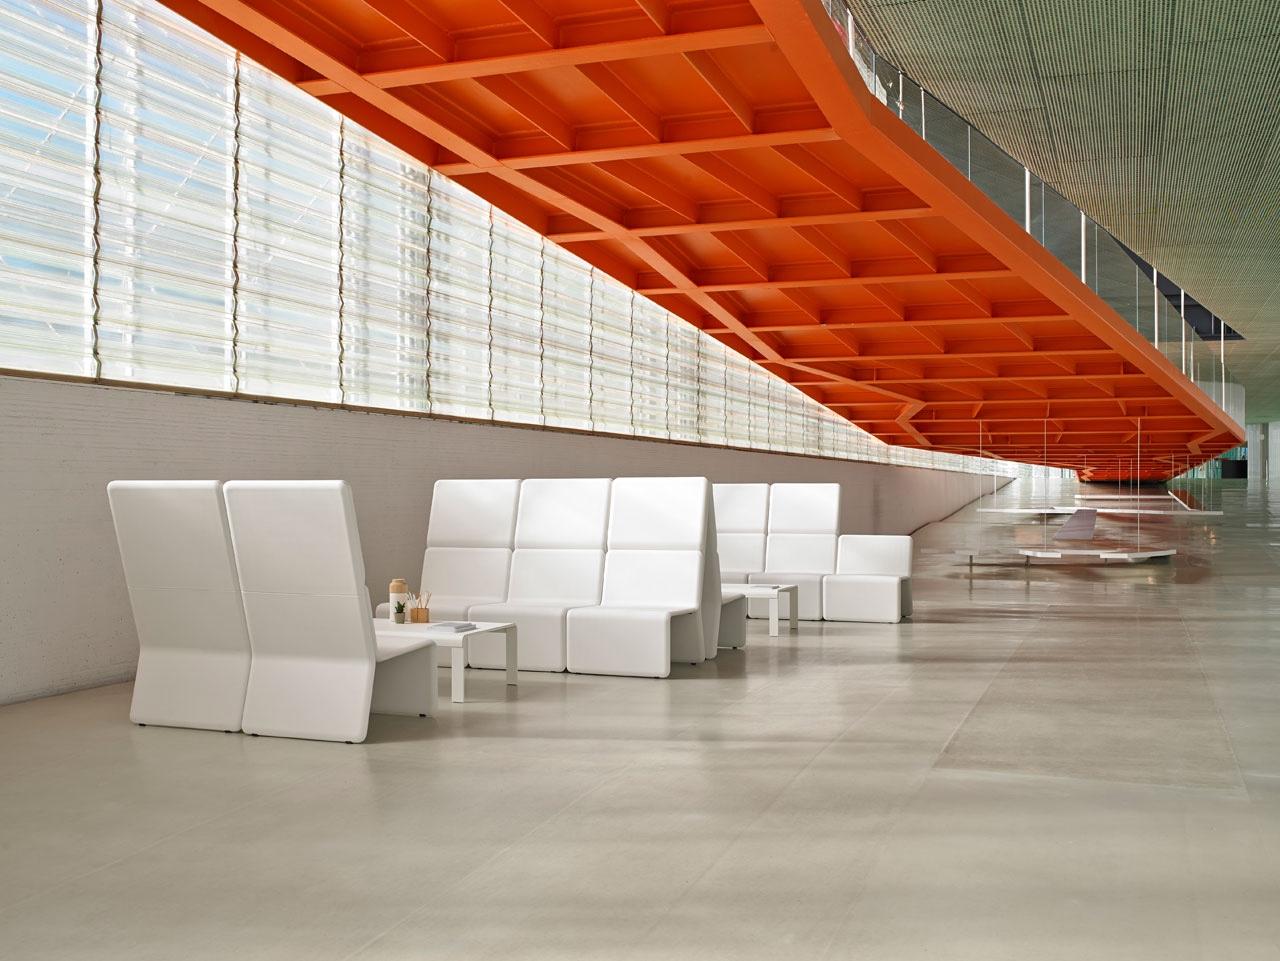 Shey modular seating